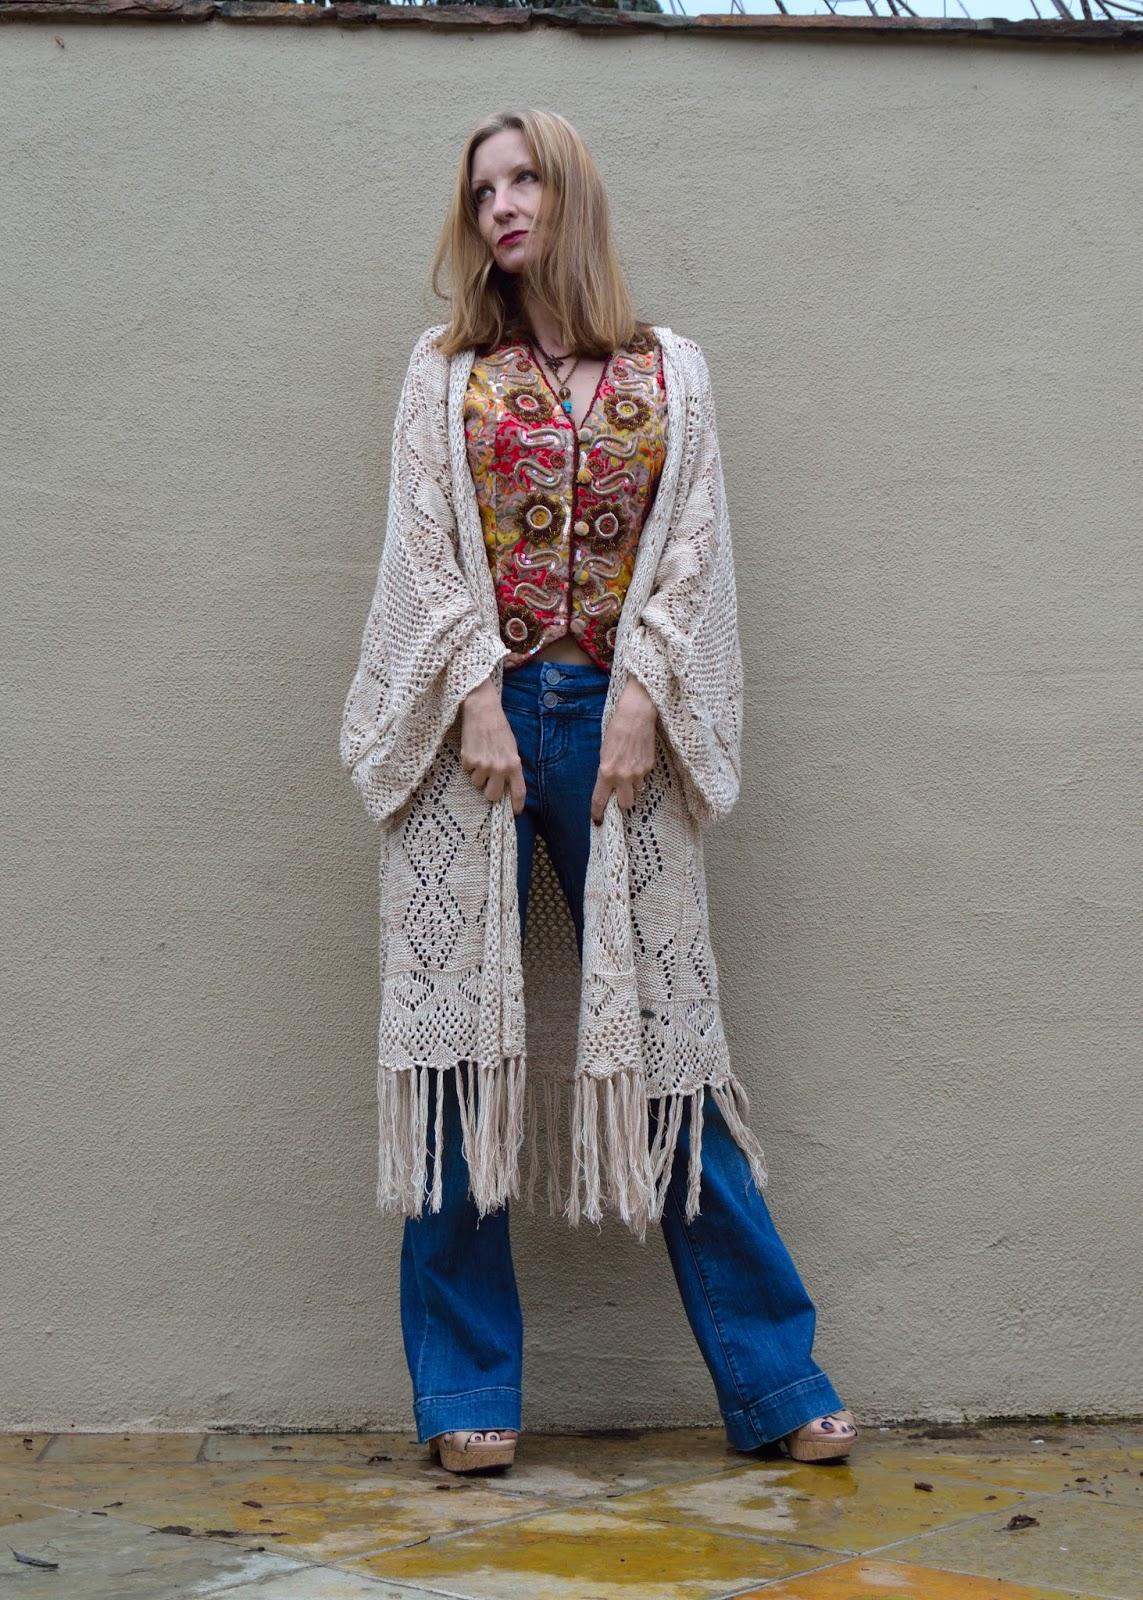 Gypsy & Fun Fashion Friday Link Up!